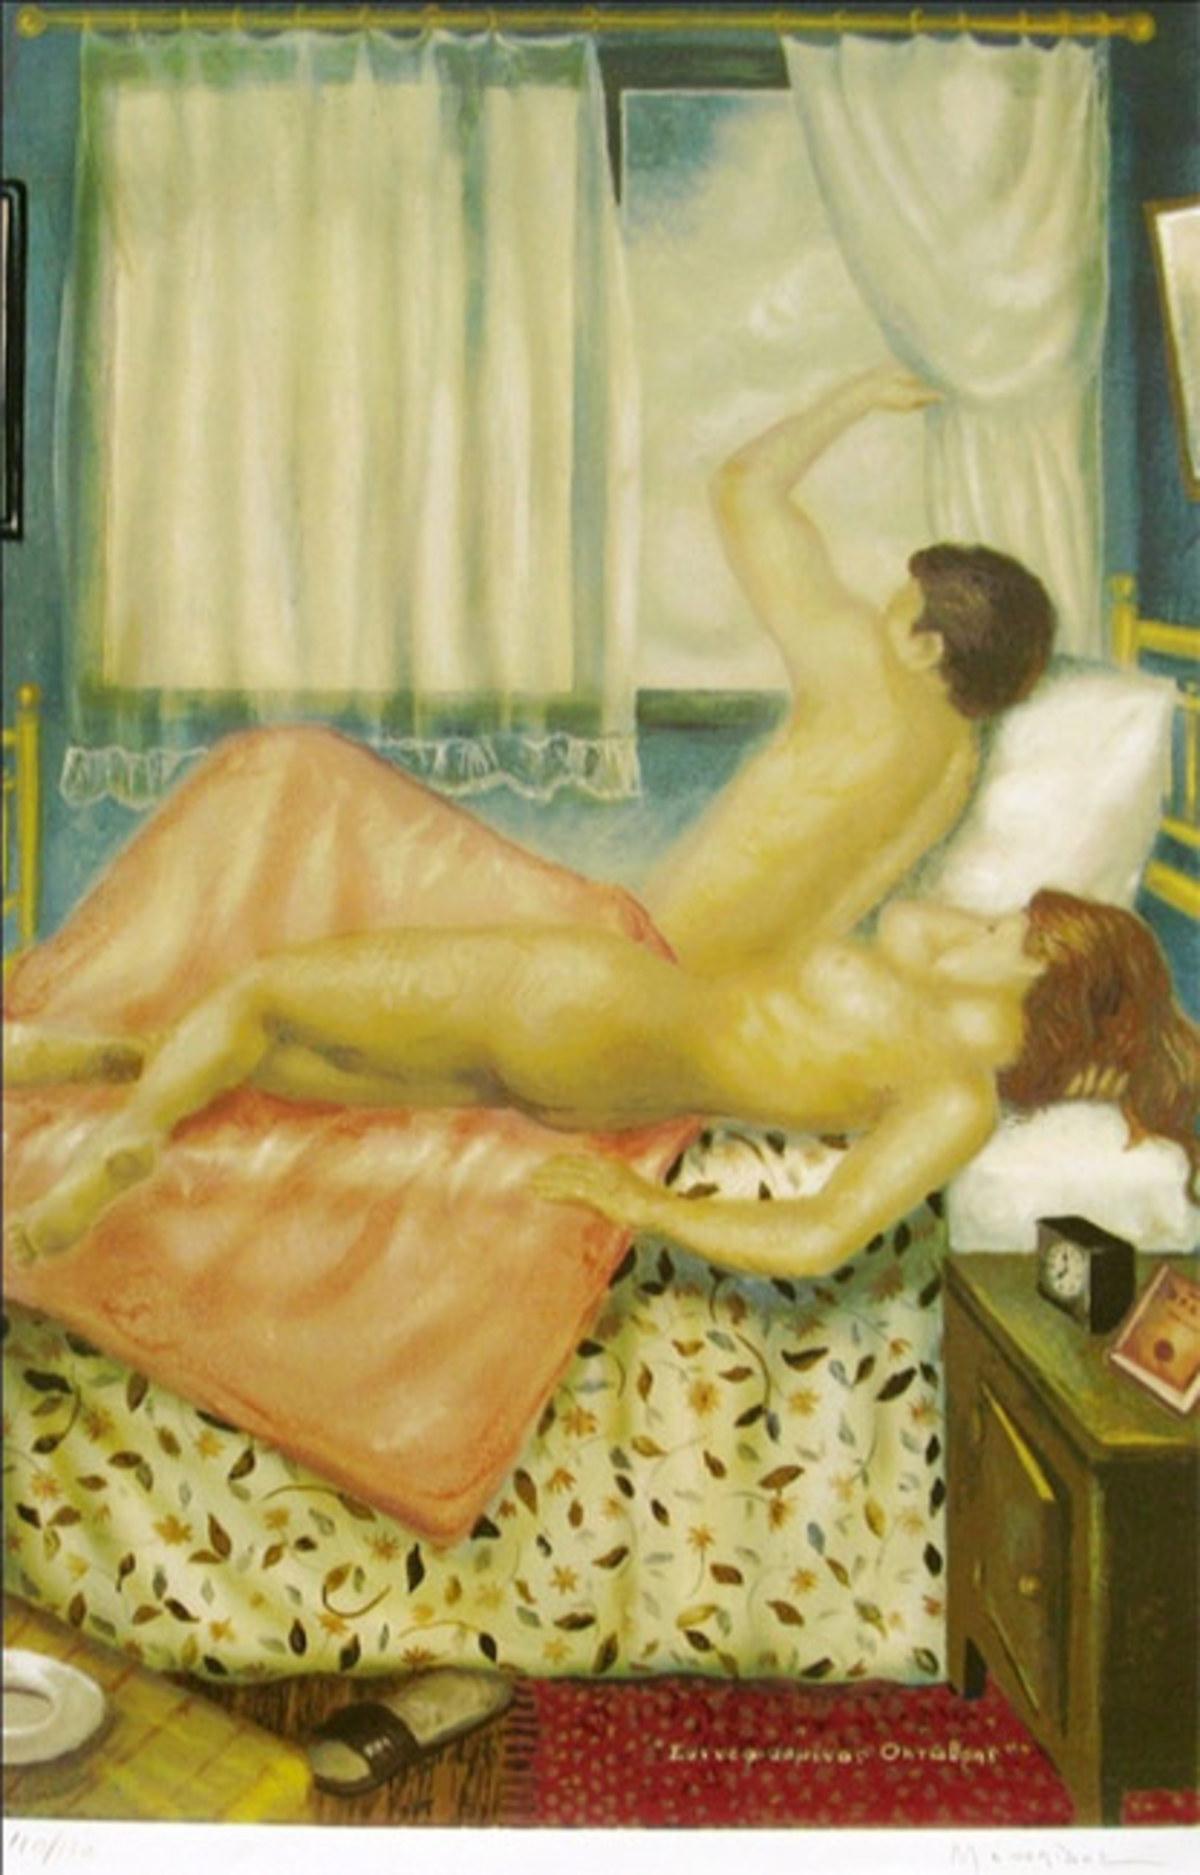 Η Ευγενία Μανωλίδου απαντά για το… γυμνό πίνακα   Newsit.gr